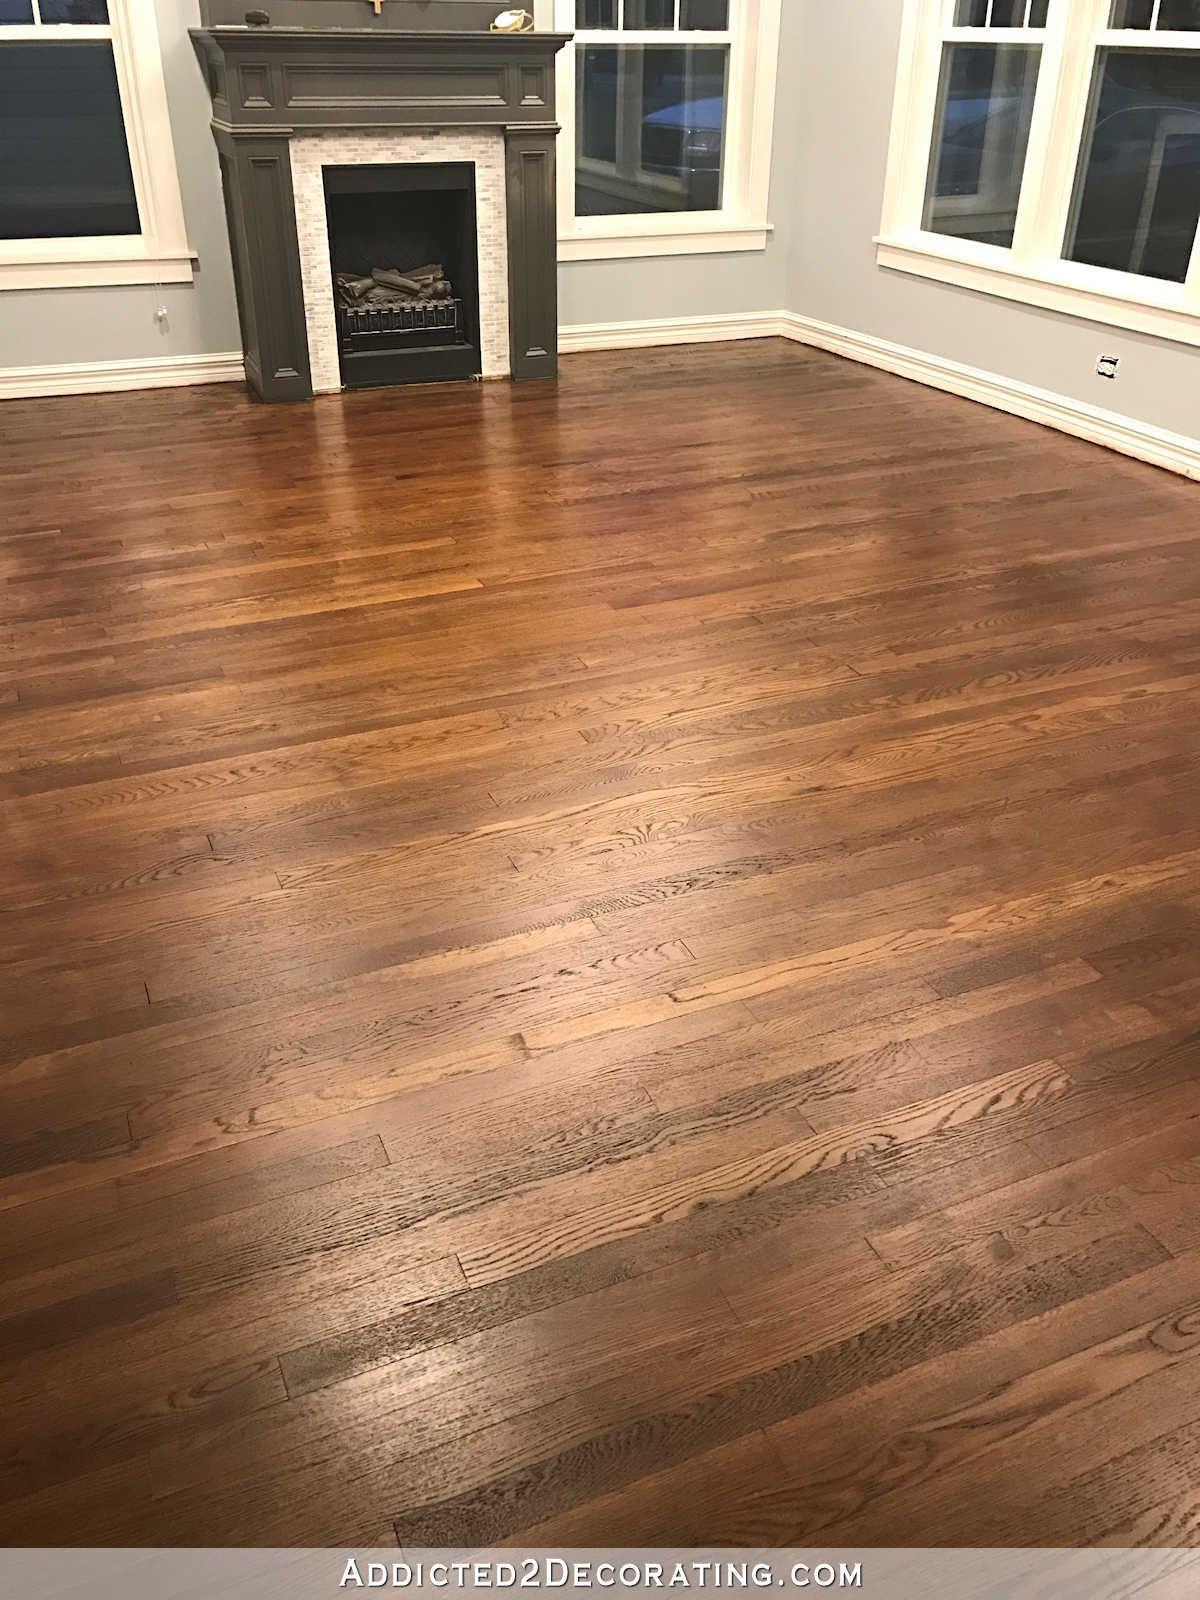 Refinishing Red Oak Hardwood Floors Adding Stain To First Coat Of Polyurethane To Refinishing Hardwood Floors Wood Floor Stain Colors Red Oak Hardwood Floors